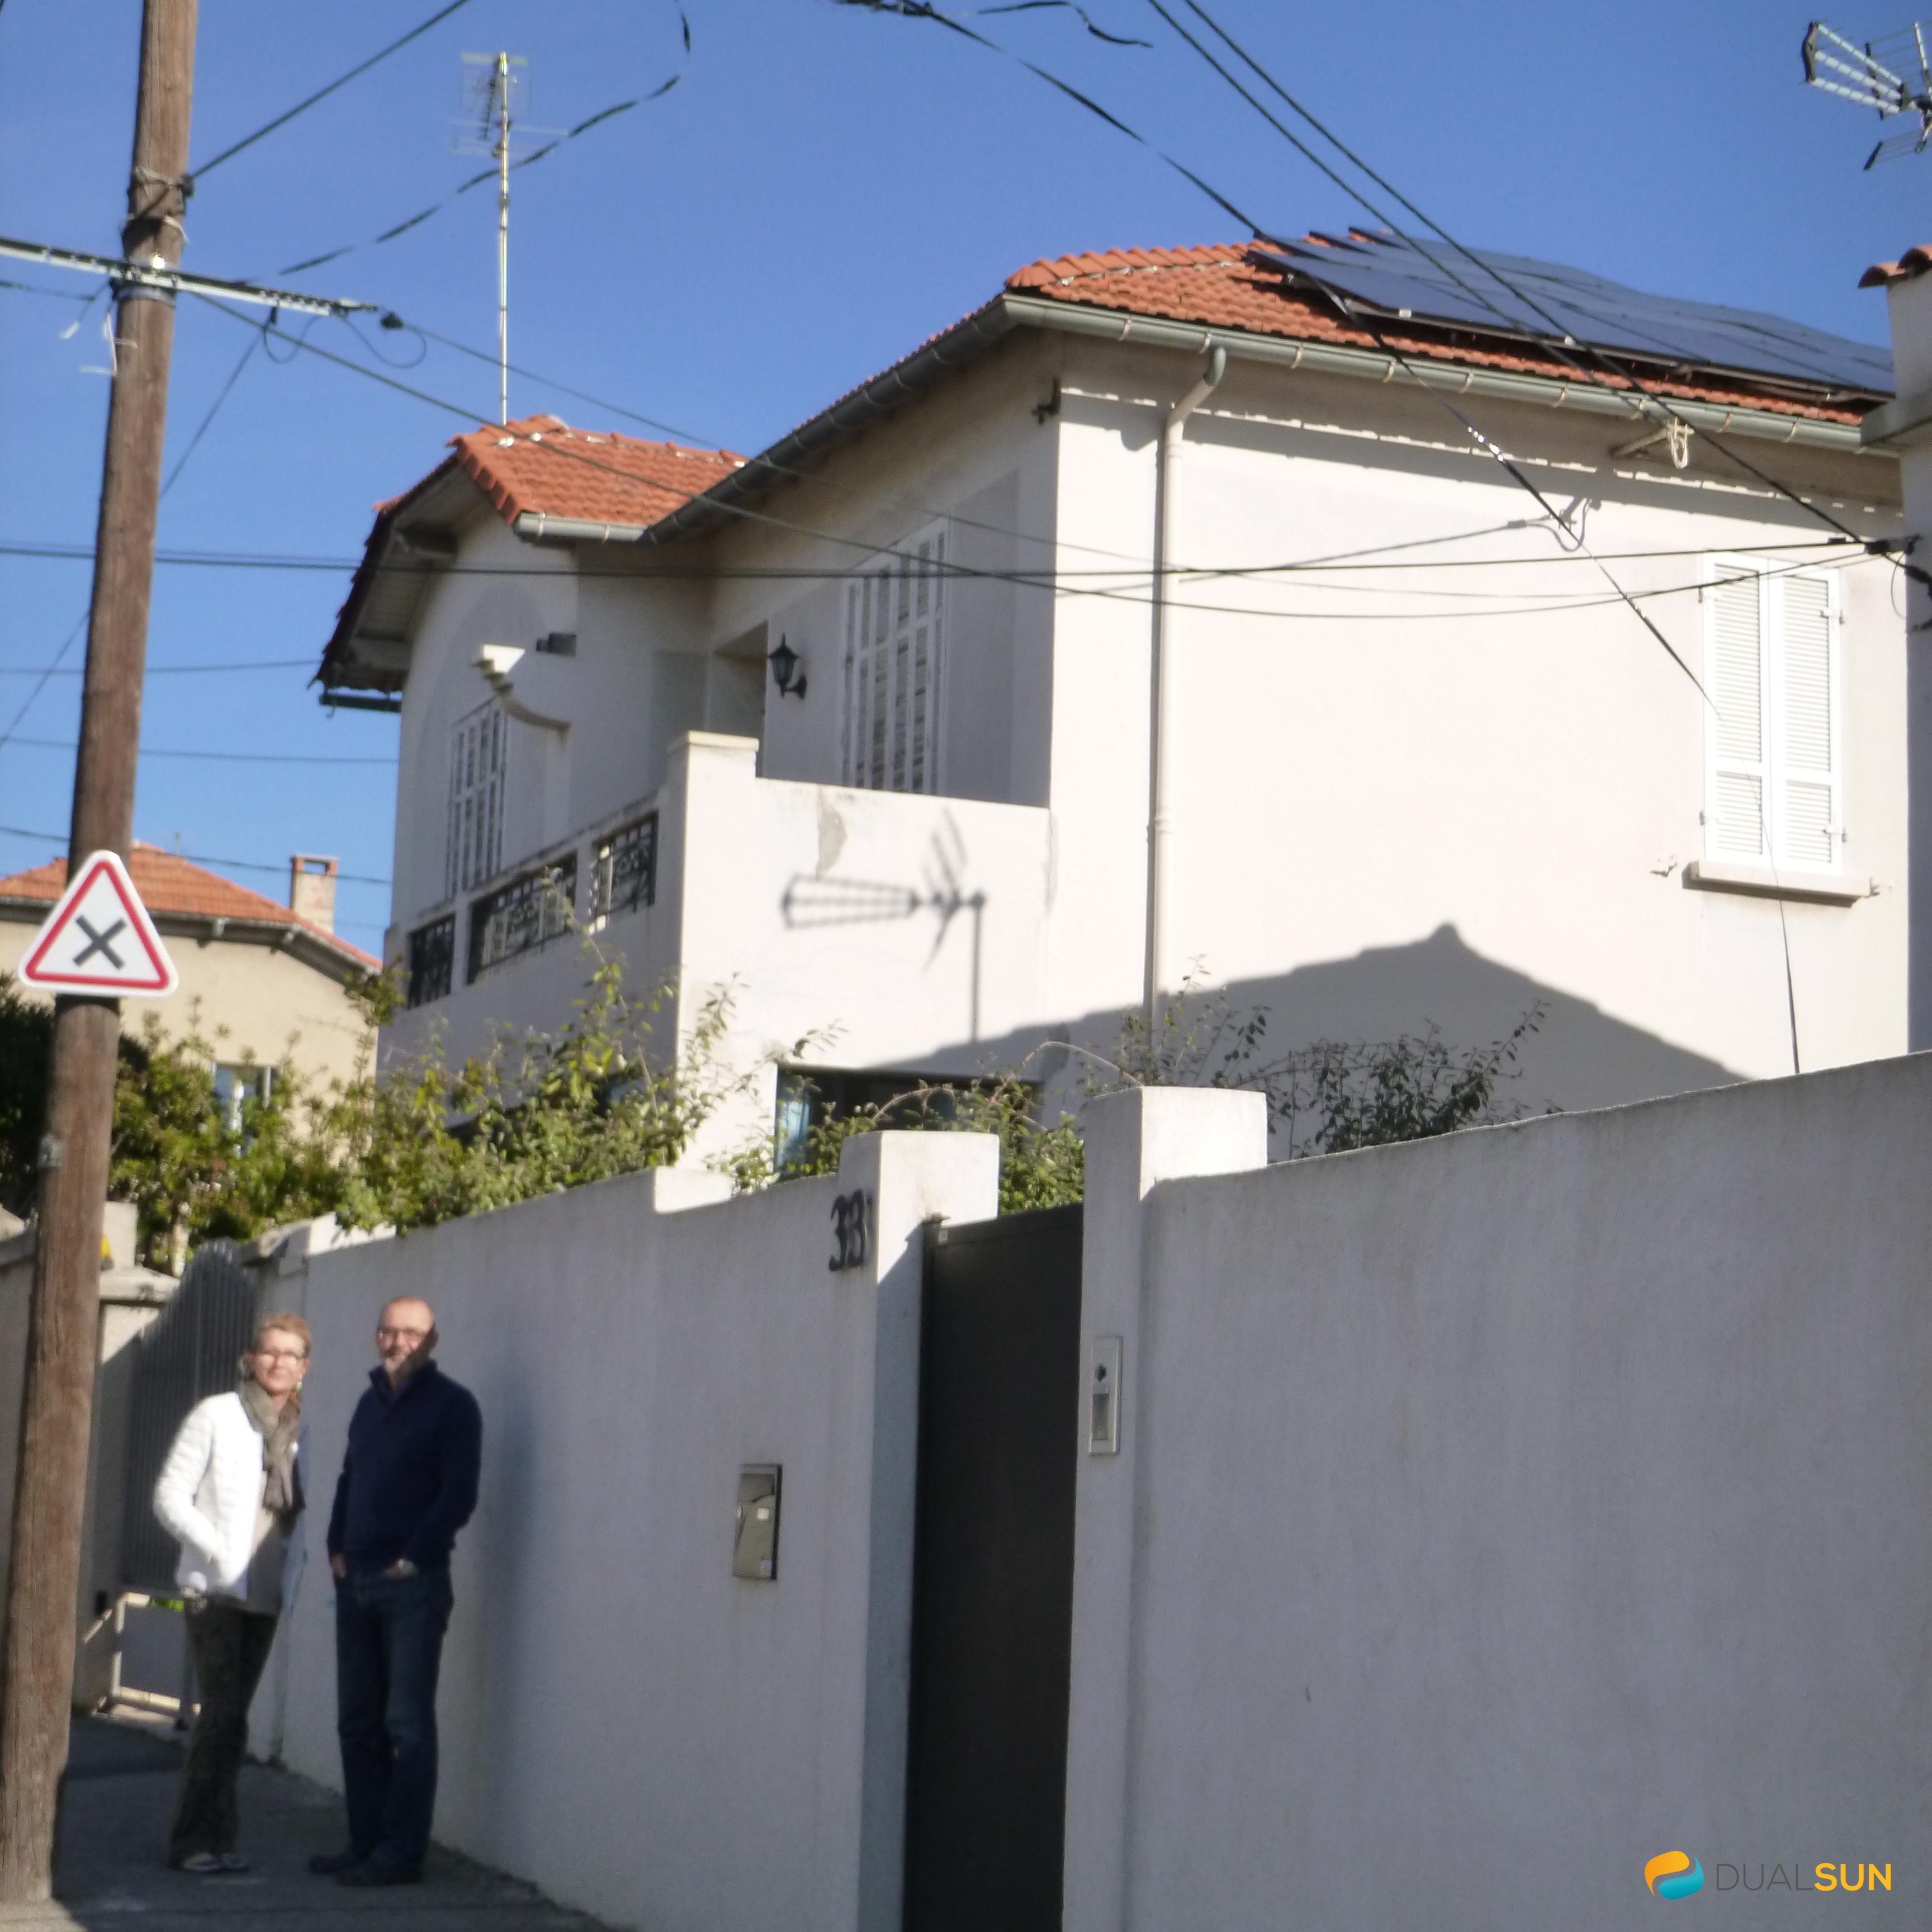 maison solaire 13012 marseille